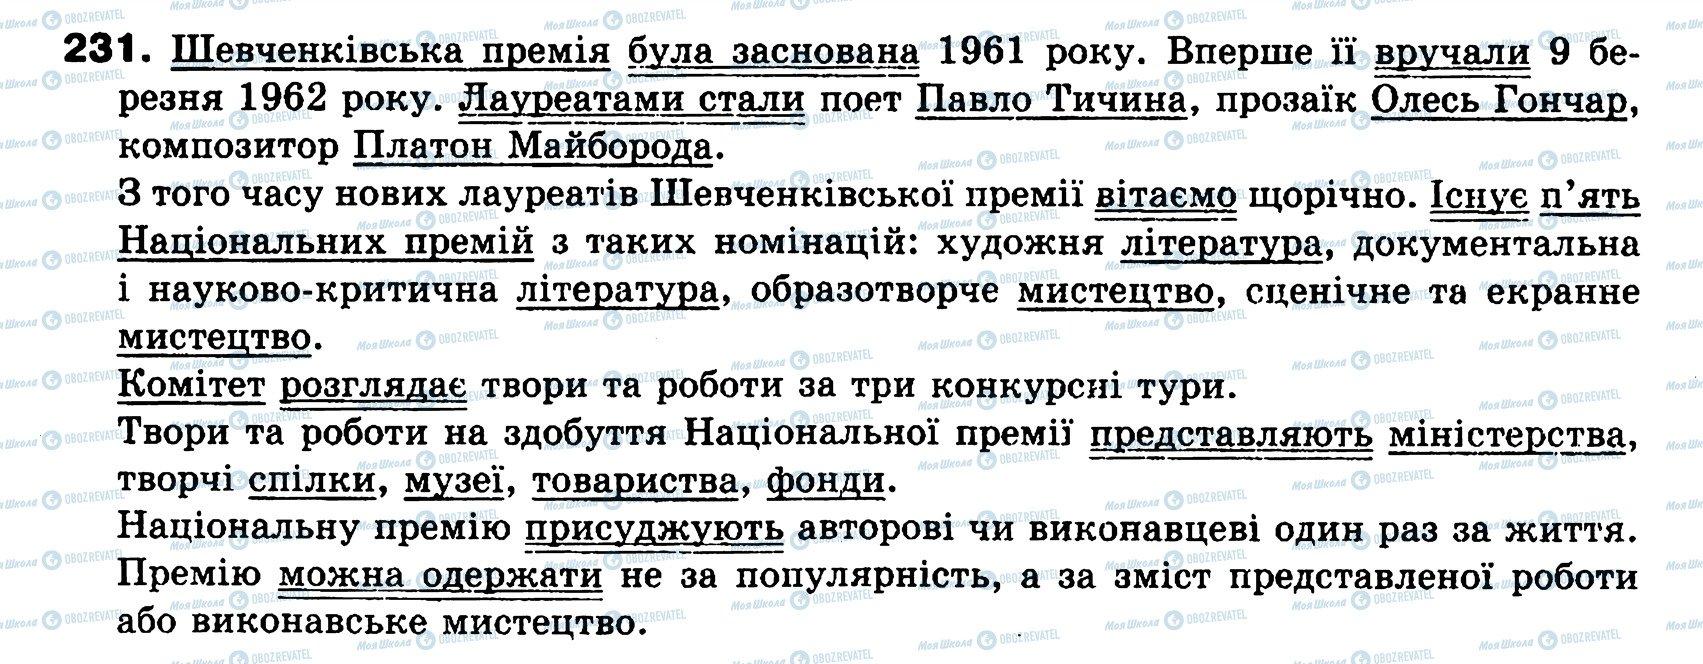 ГДЗ Українська мова 8 клас сторінка 231